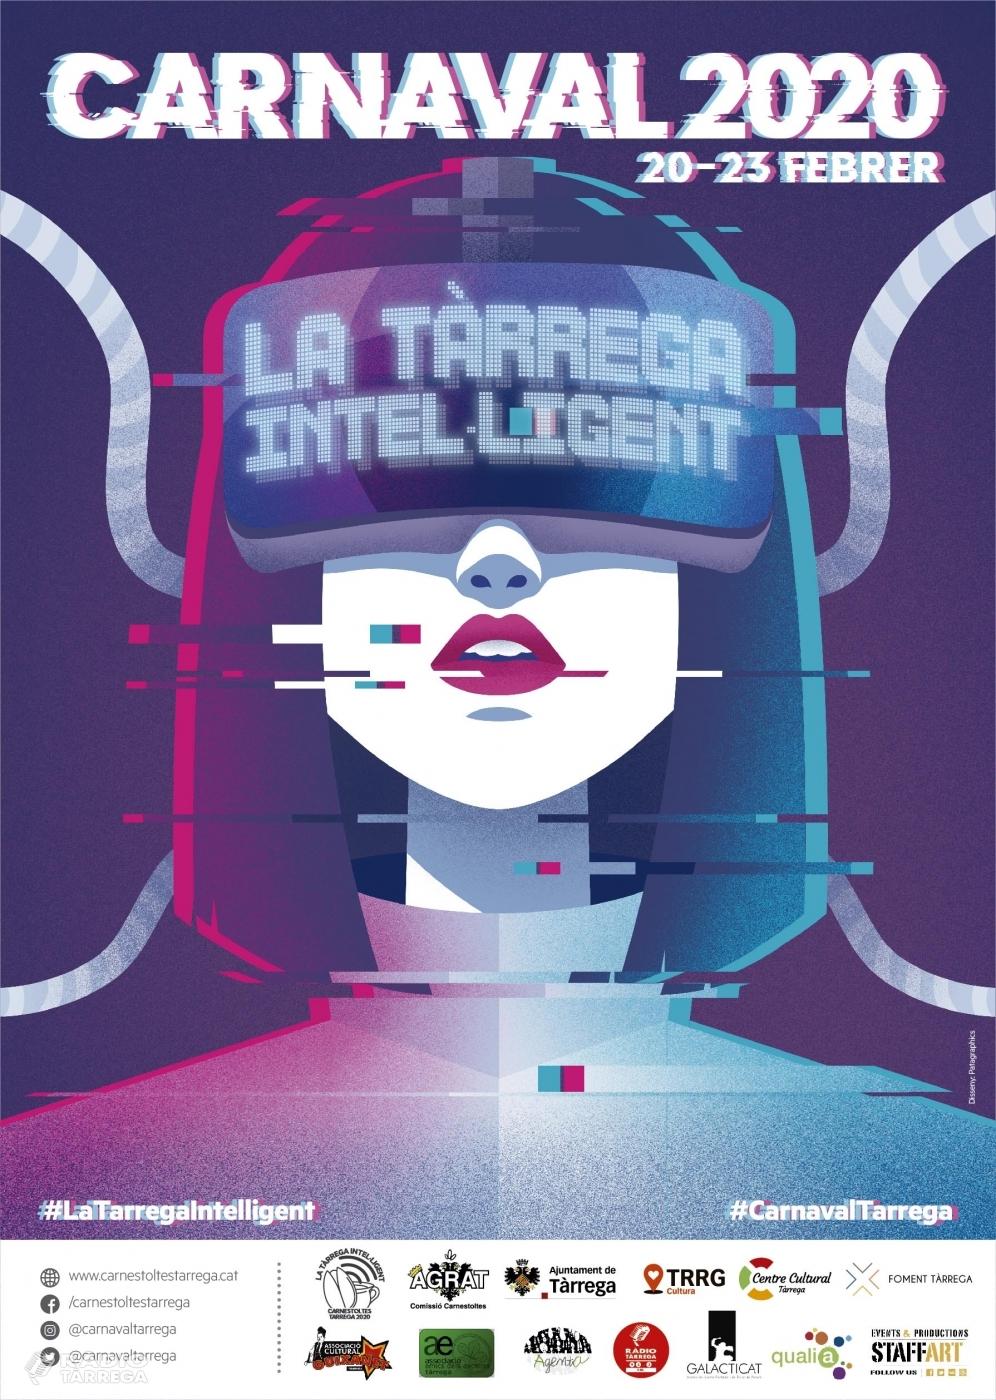 Tàrrega ja prepara una nova edició del Carnaval sota el lema 'La Tàrrega intel·ligent'